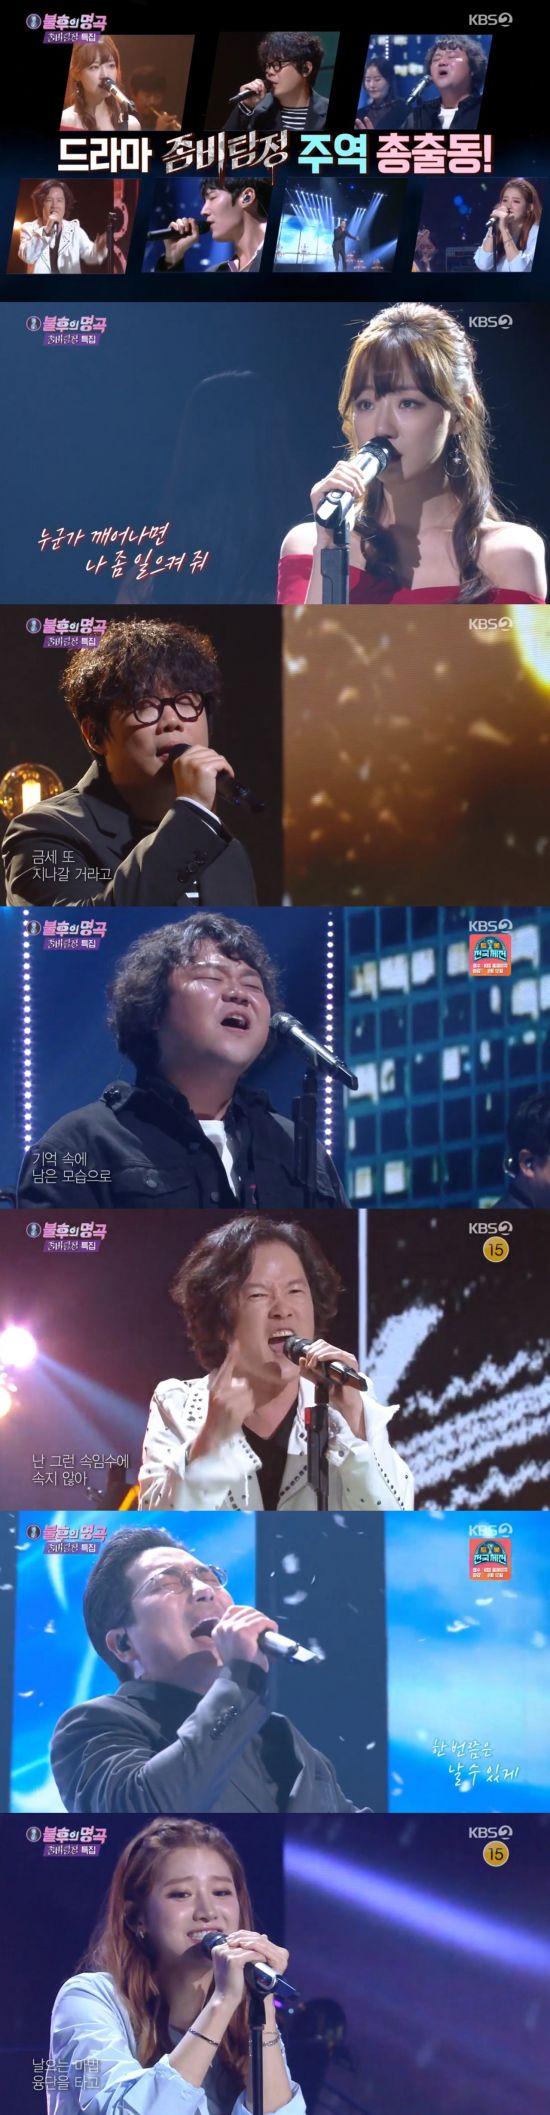 '불후'하드 권 '좀비 탐정 특집'MVP ...없는 내용